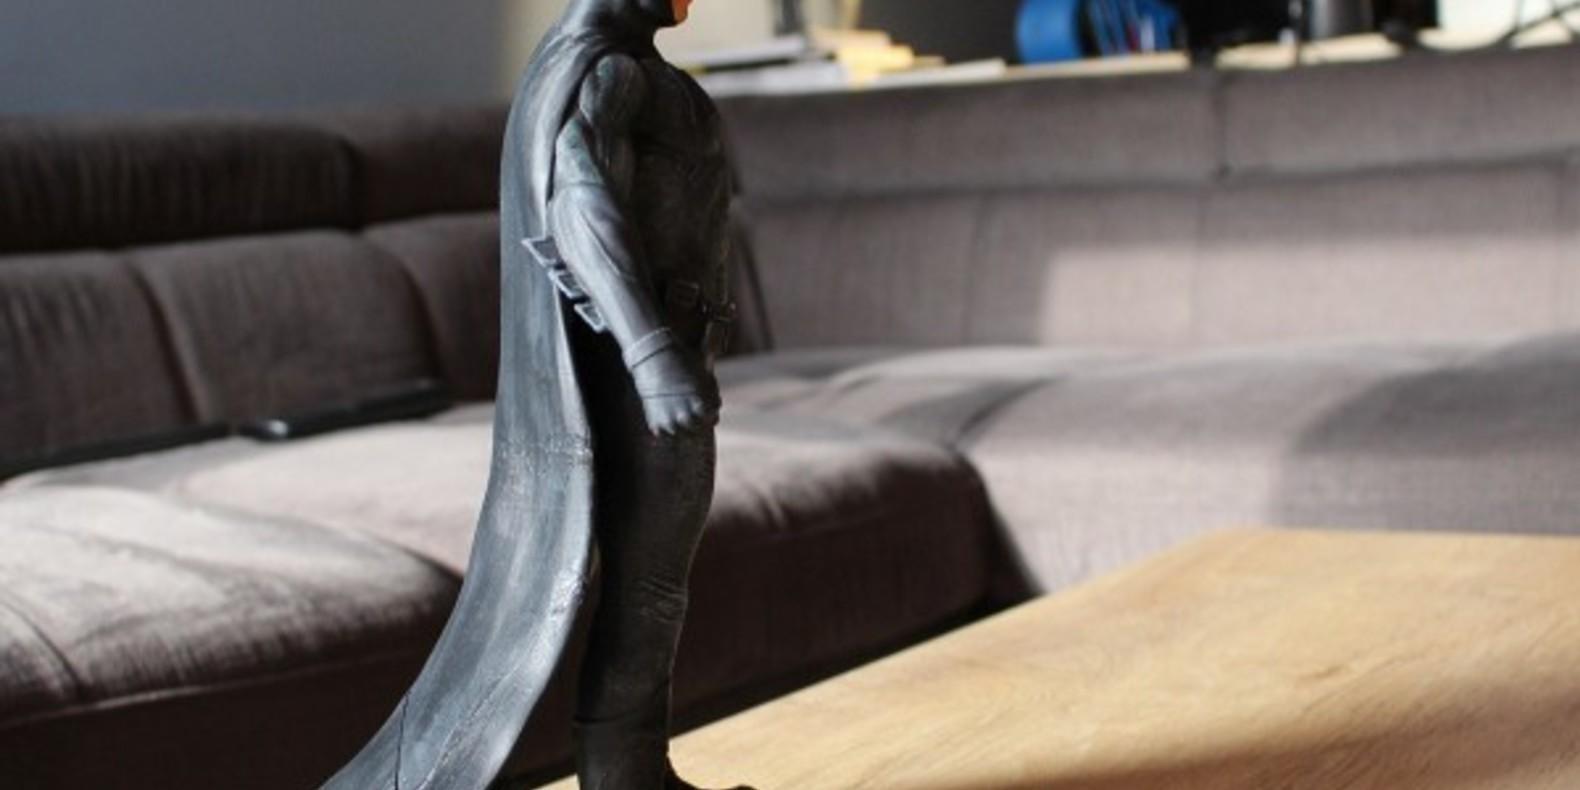 http://fichier3d.fr/wp-content/uploads/2016/02/Batman-vs-superman-ben-affleck-figurine-imprimée-en-3D-statuette-figure-tutus-cults-stl-fichier-3D-2.jpg